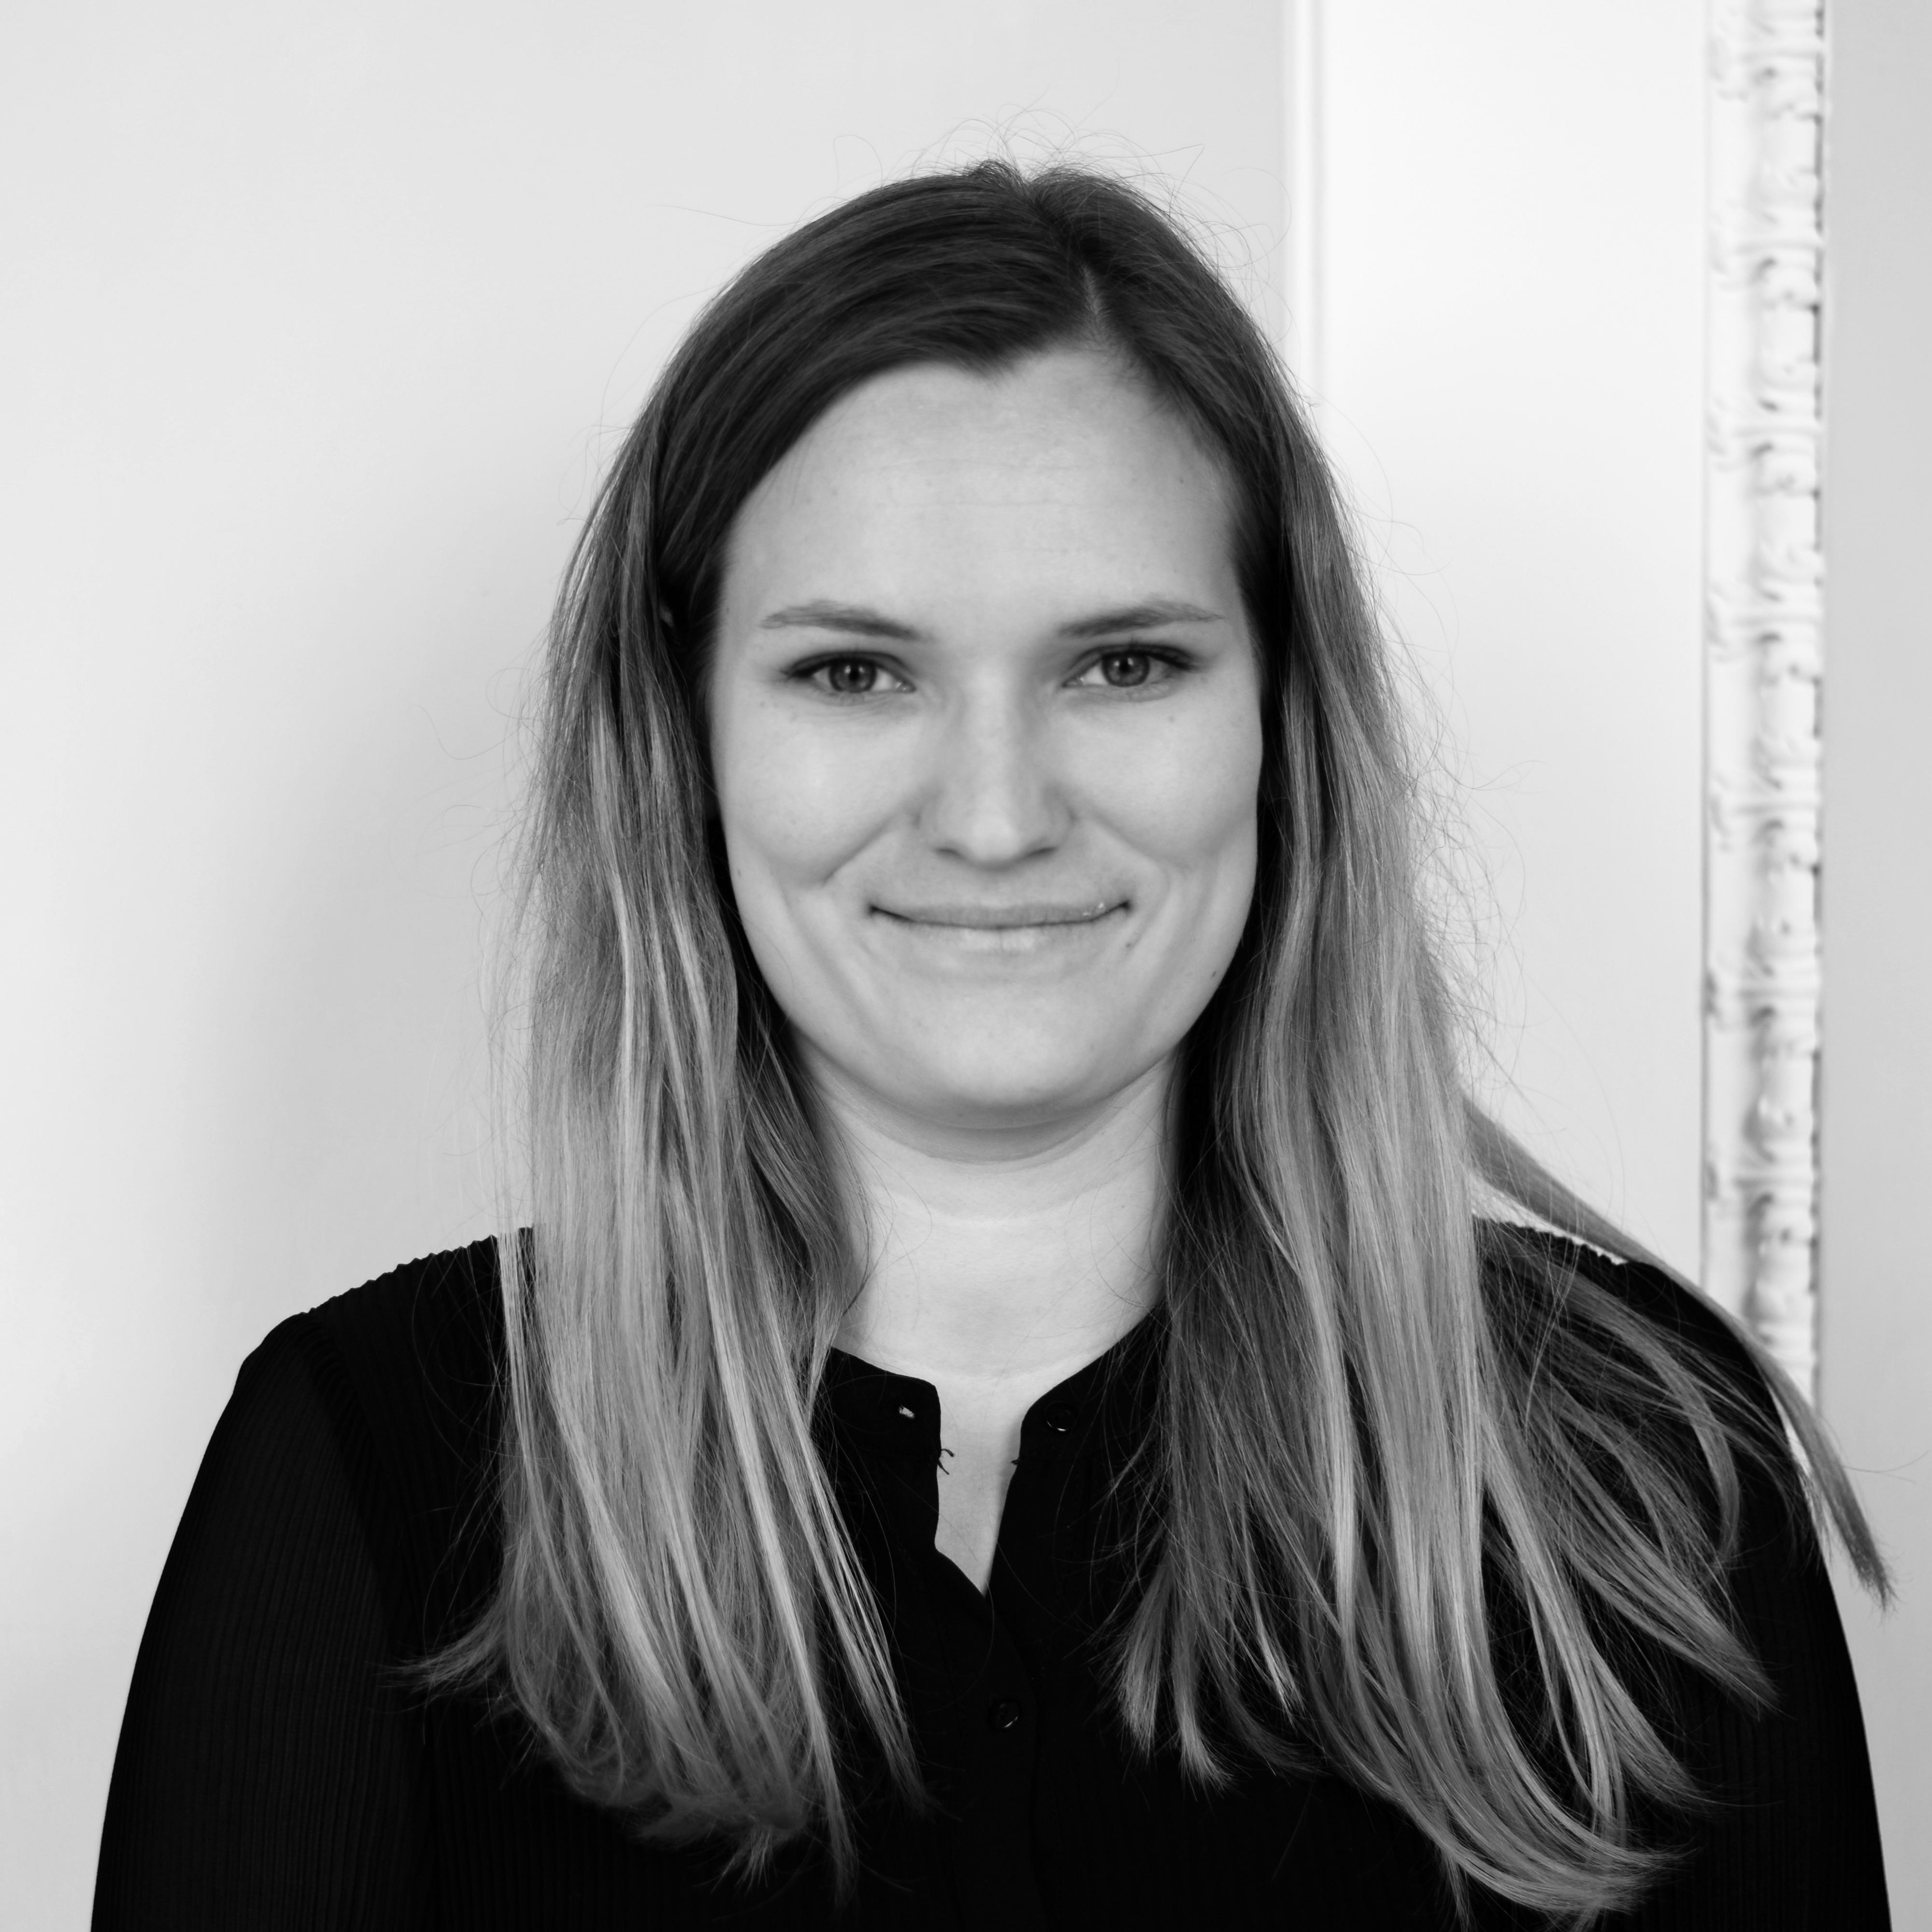 Jana Rother